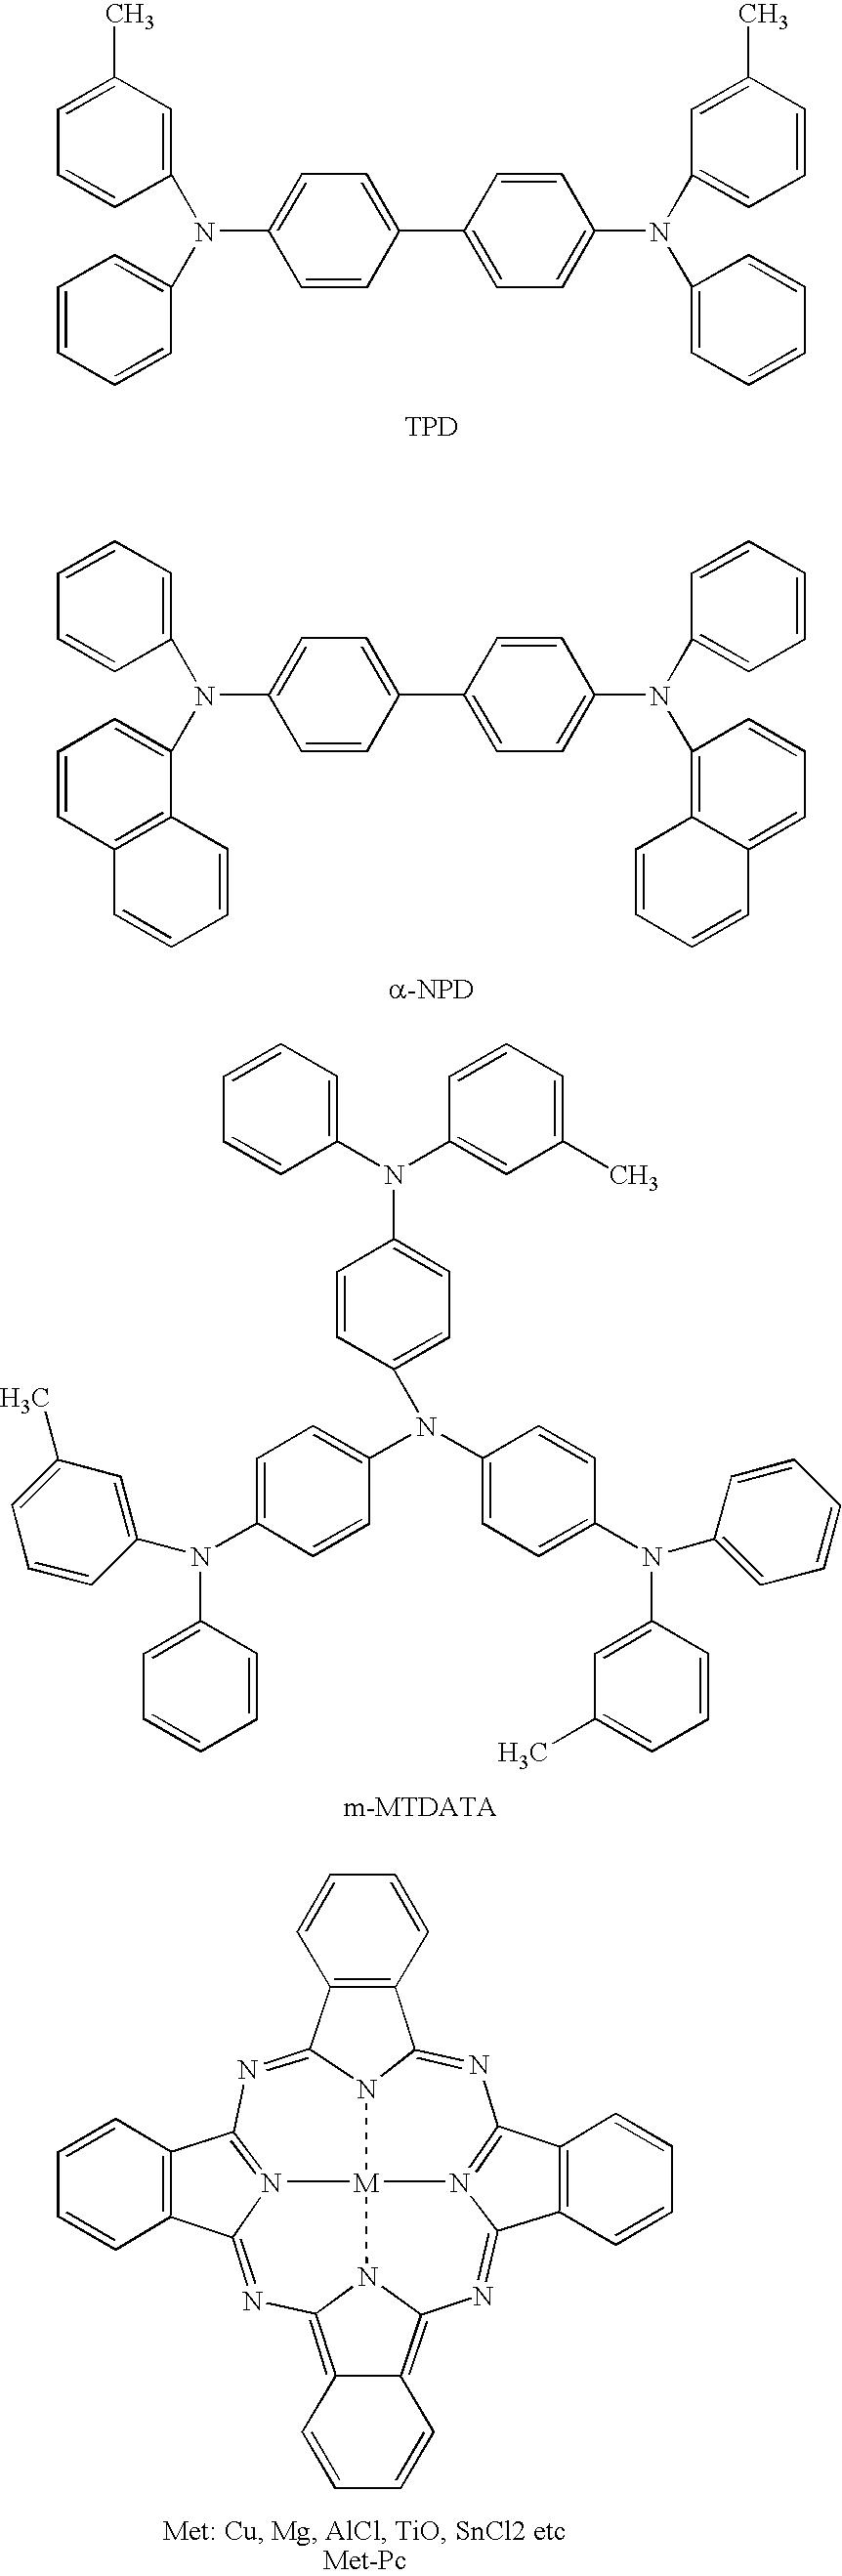 Figure US08263235-20120911-C00001